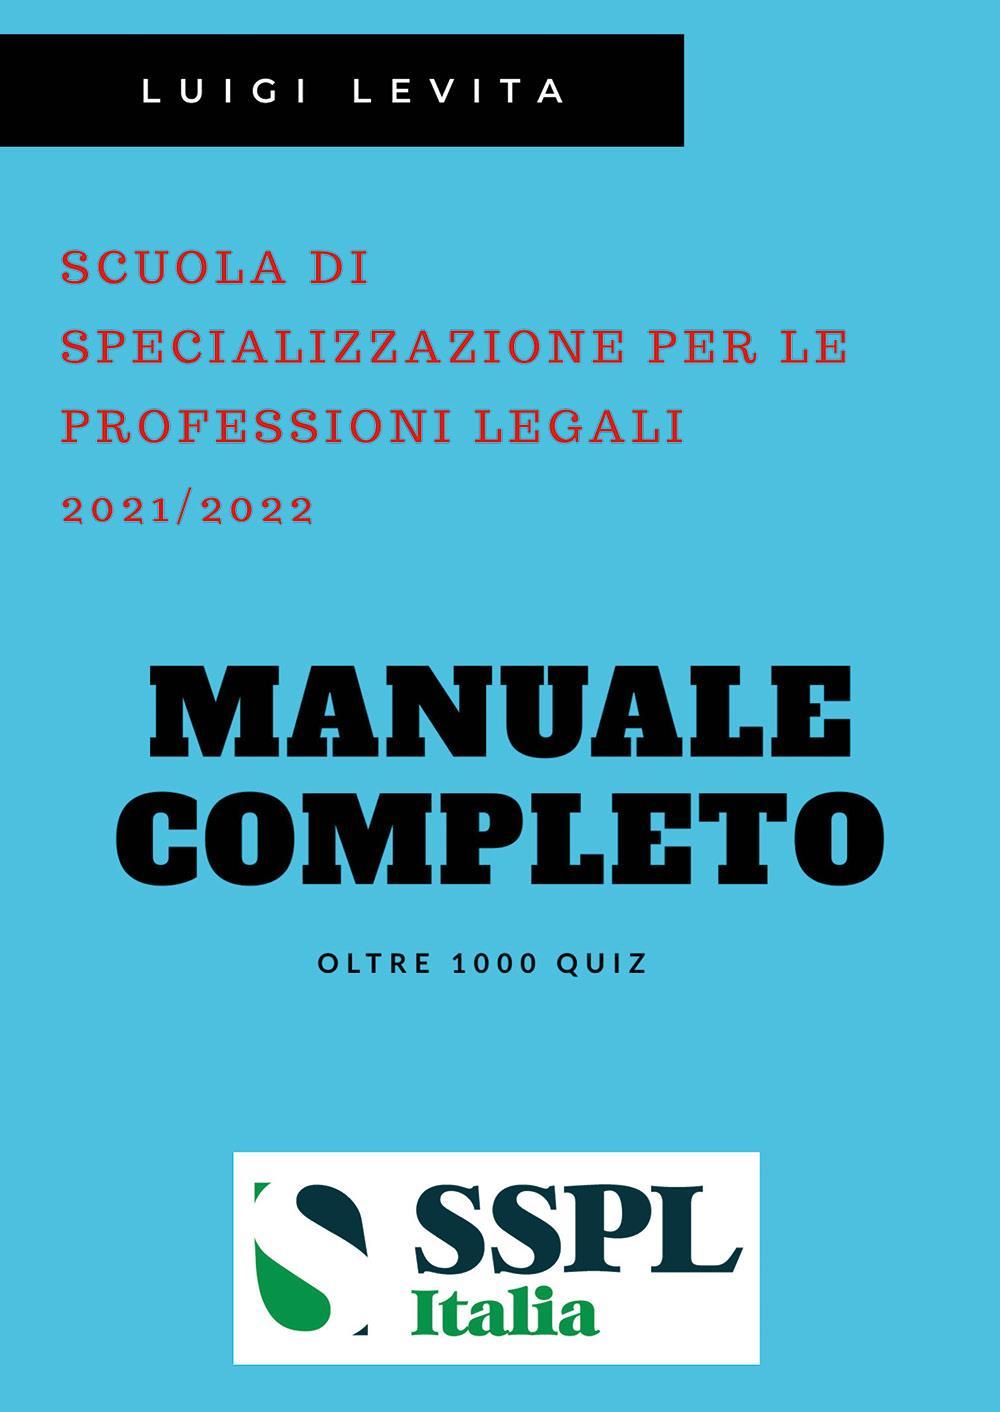 SSPL -  Scuola di Specializzazione per le Professioni Legali